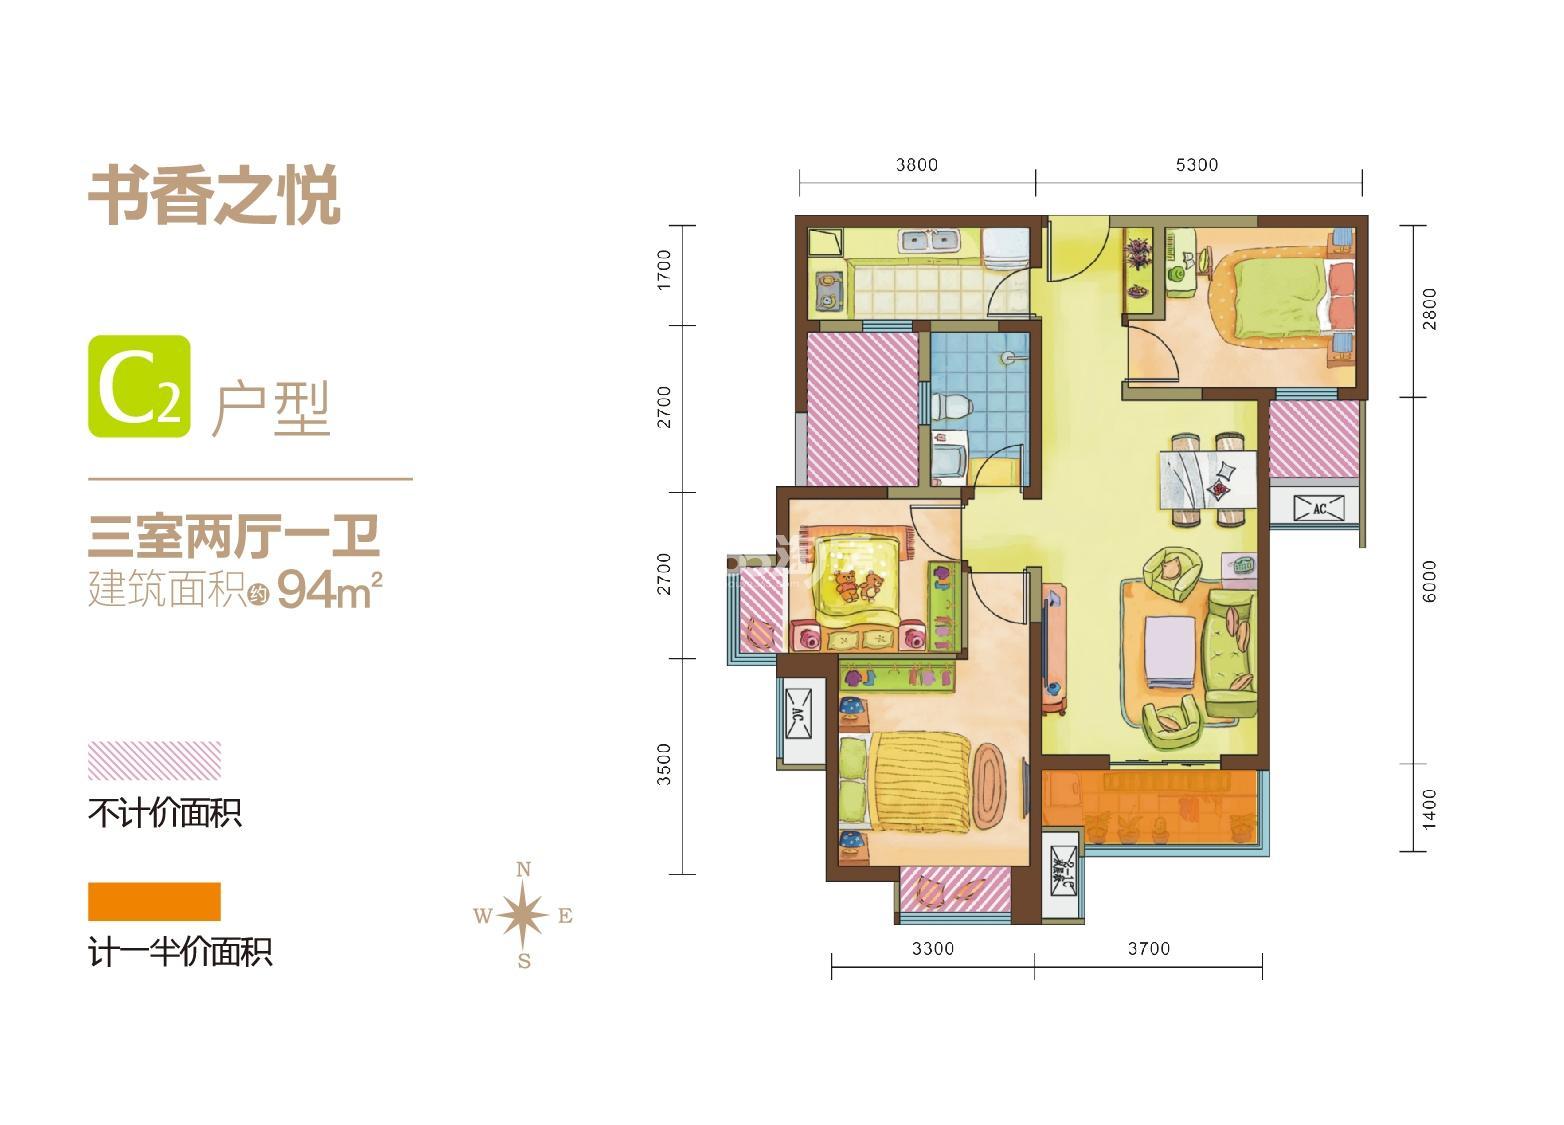 御锦城C2户型三室两厅一卫94㎡户型图